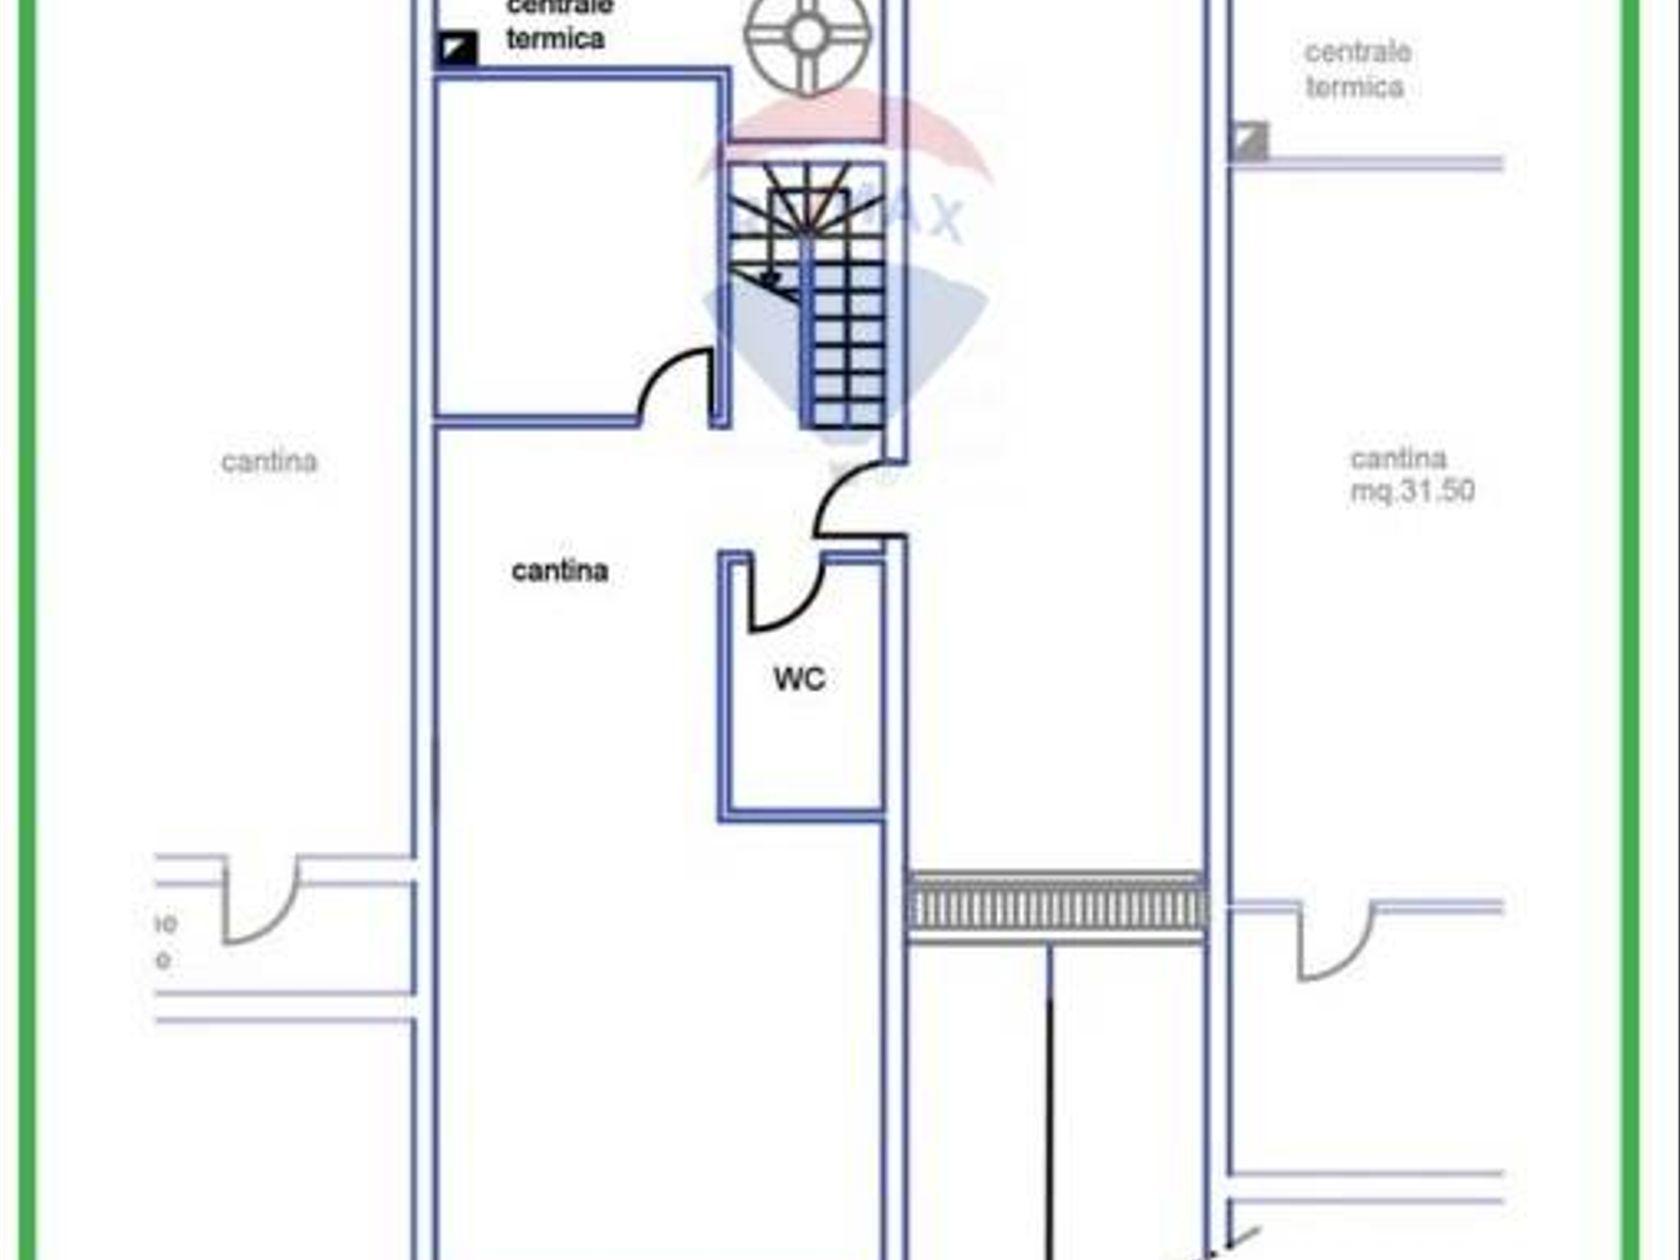 Villa a schiera Grottaferrata, RM Vendita - Planimetria 4